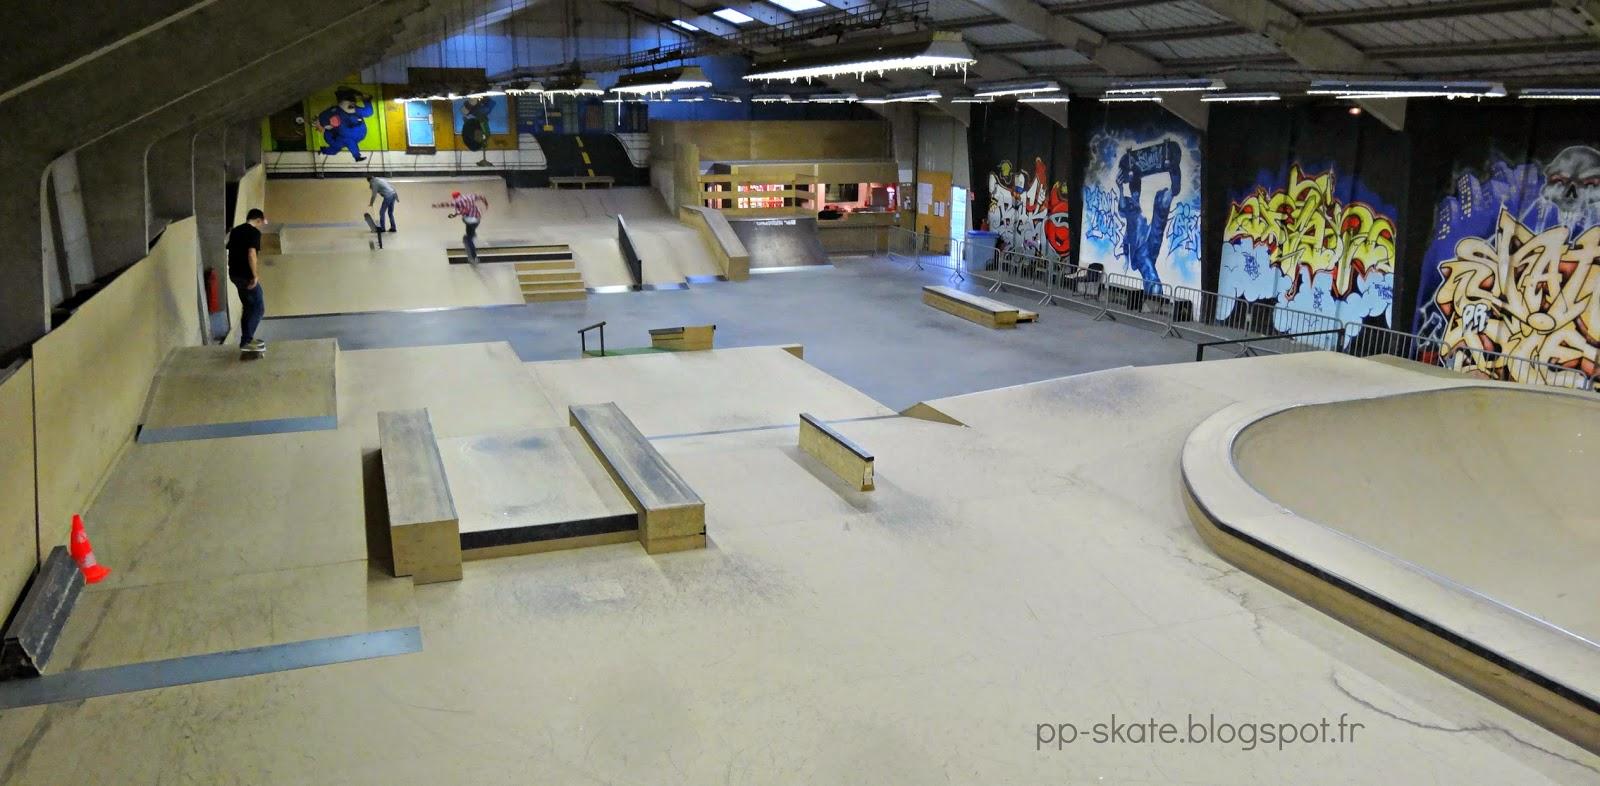 Skate park Dunkerque